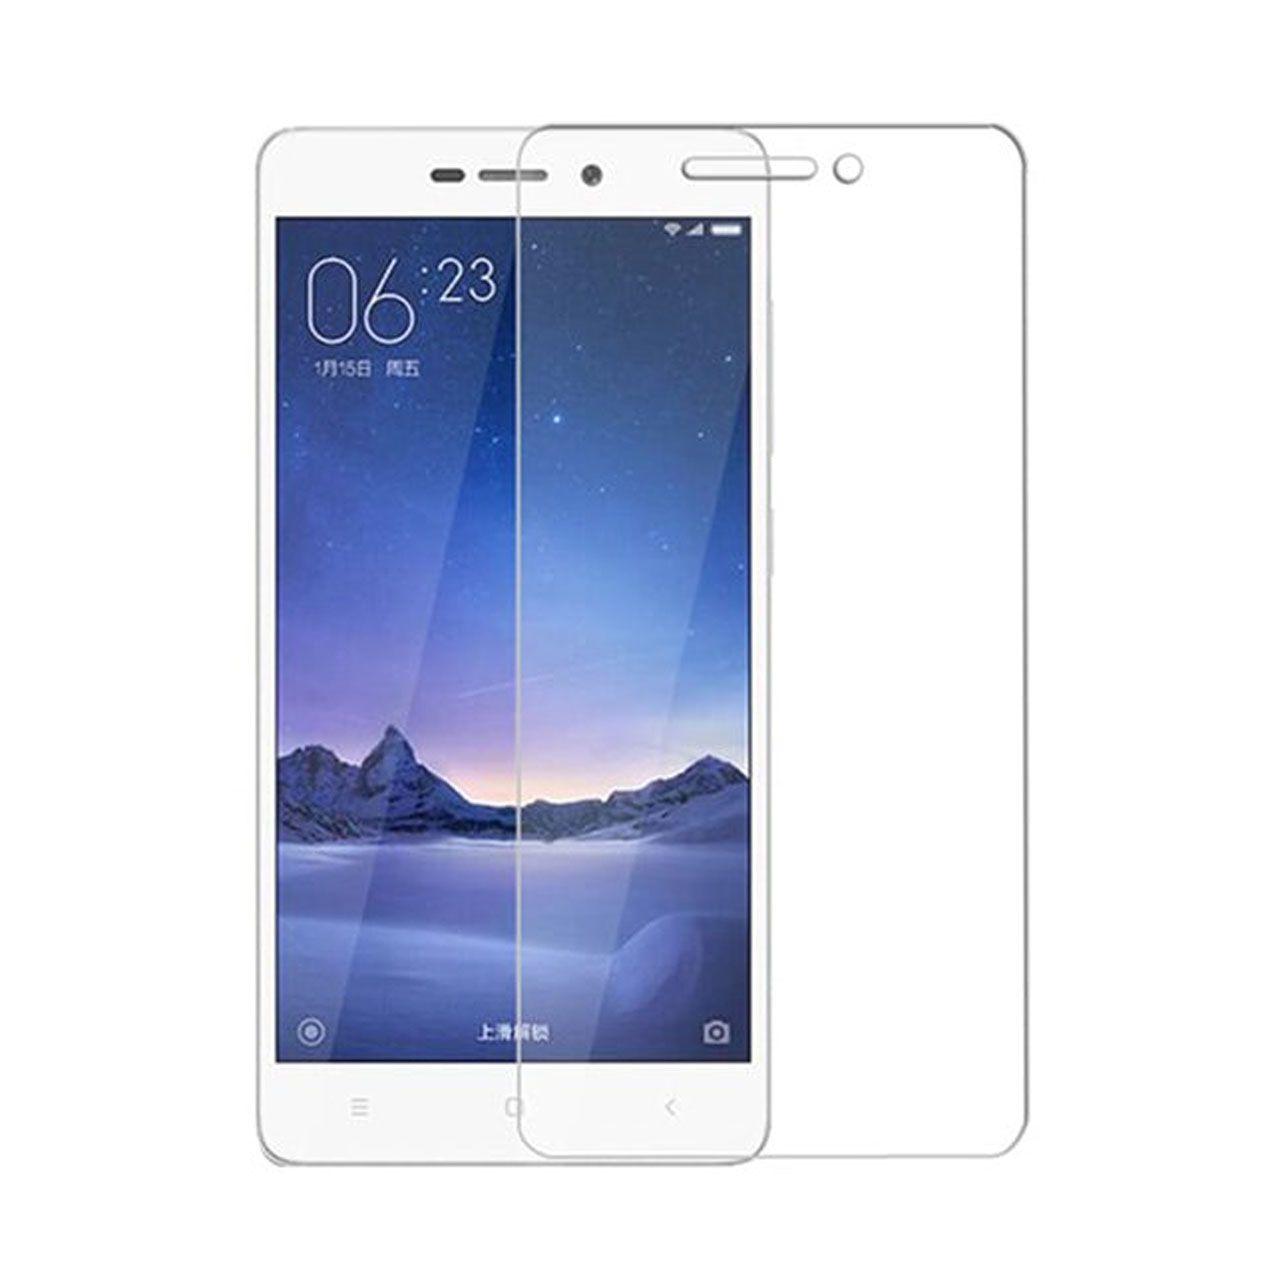 محافظ صفحه نمایش شیشه ای مدل تمپرد مناسب برای گوشی موبایل شیاومی Redmi 3s main 1 1